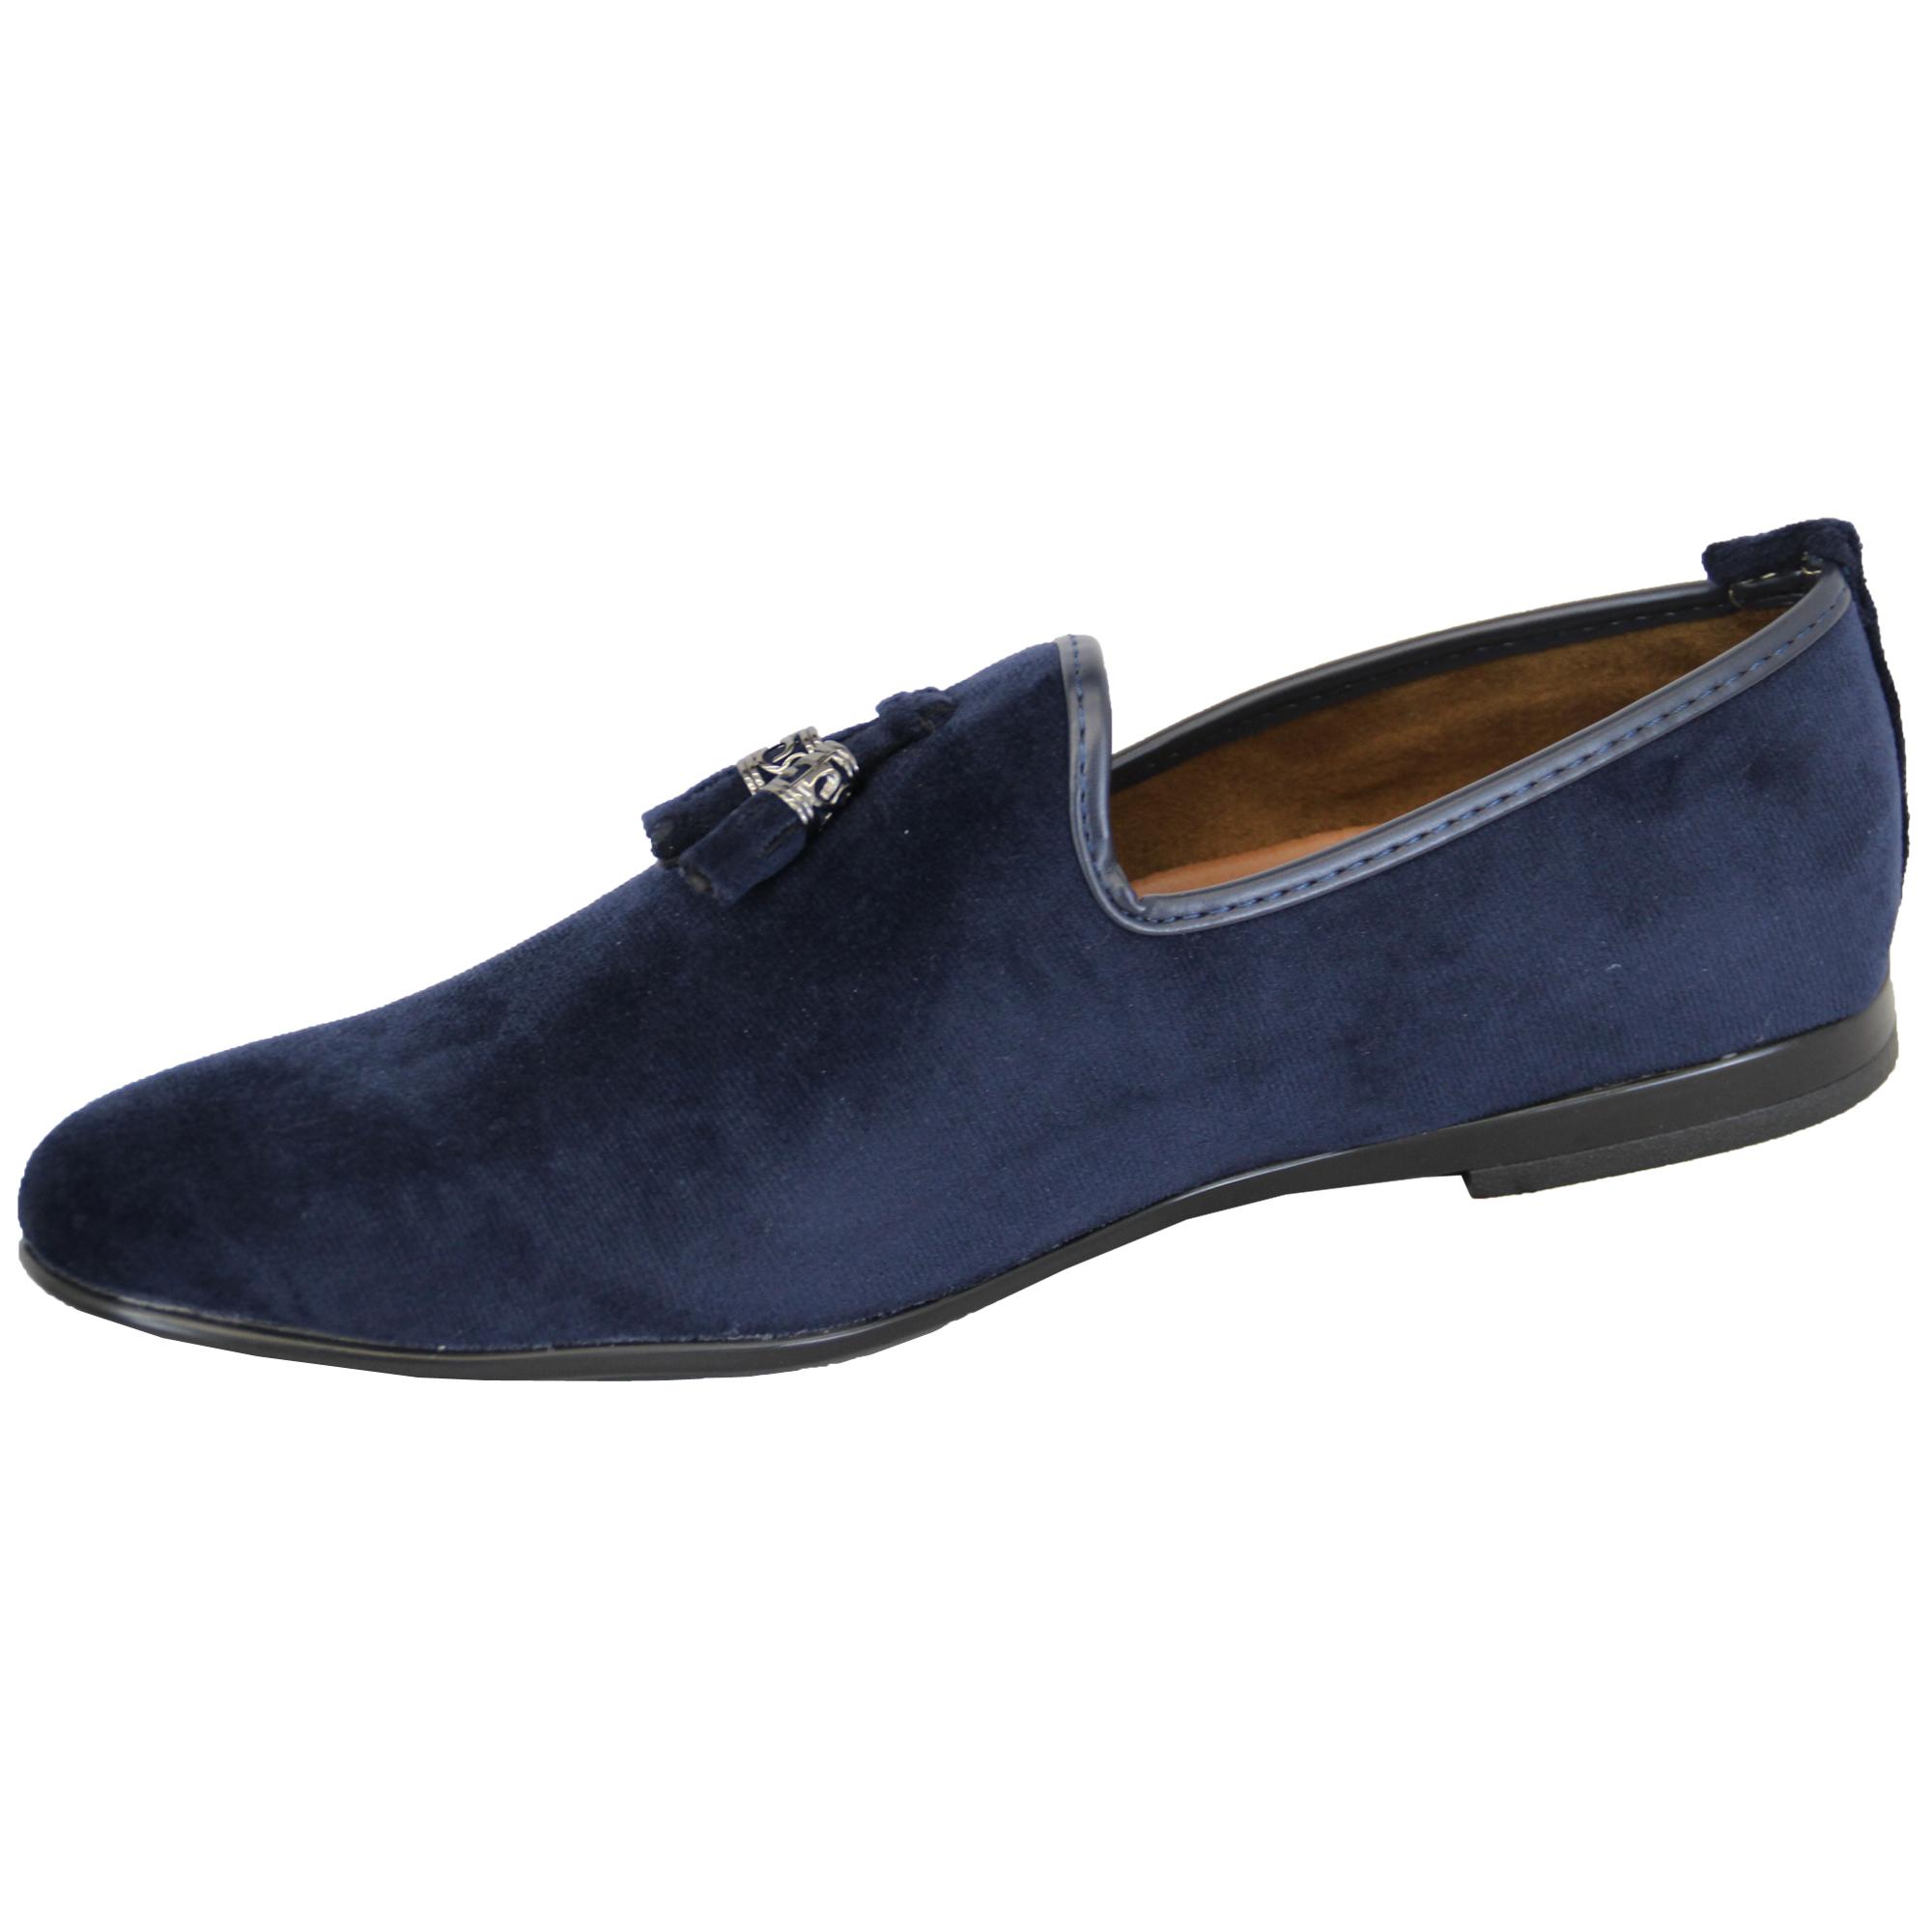 Zapatos Hombre sin Cordones Diseño Italiano Mocasines Look ante ... c074b702ce17d